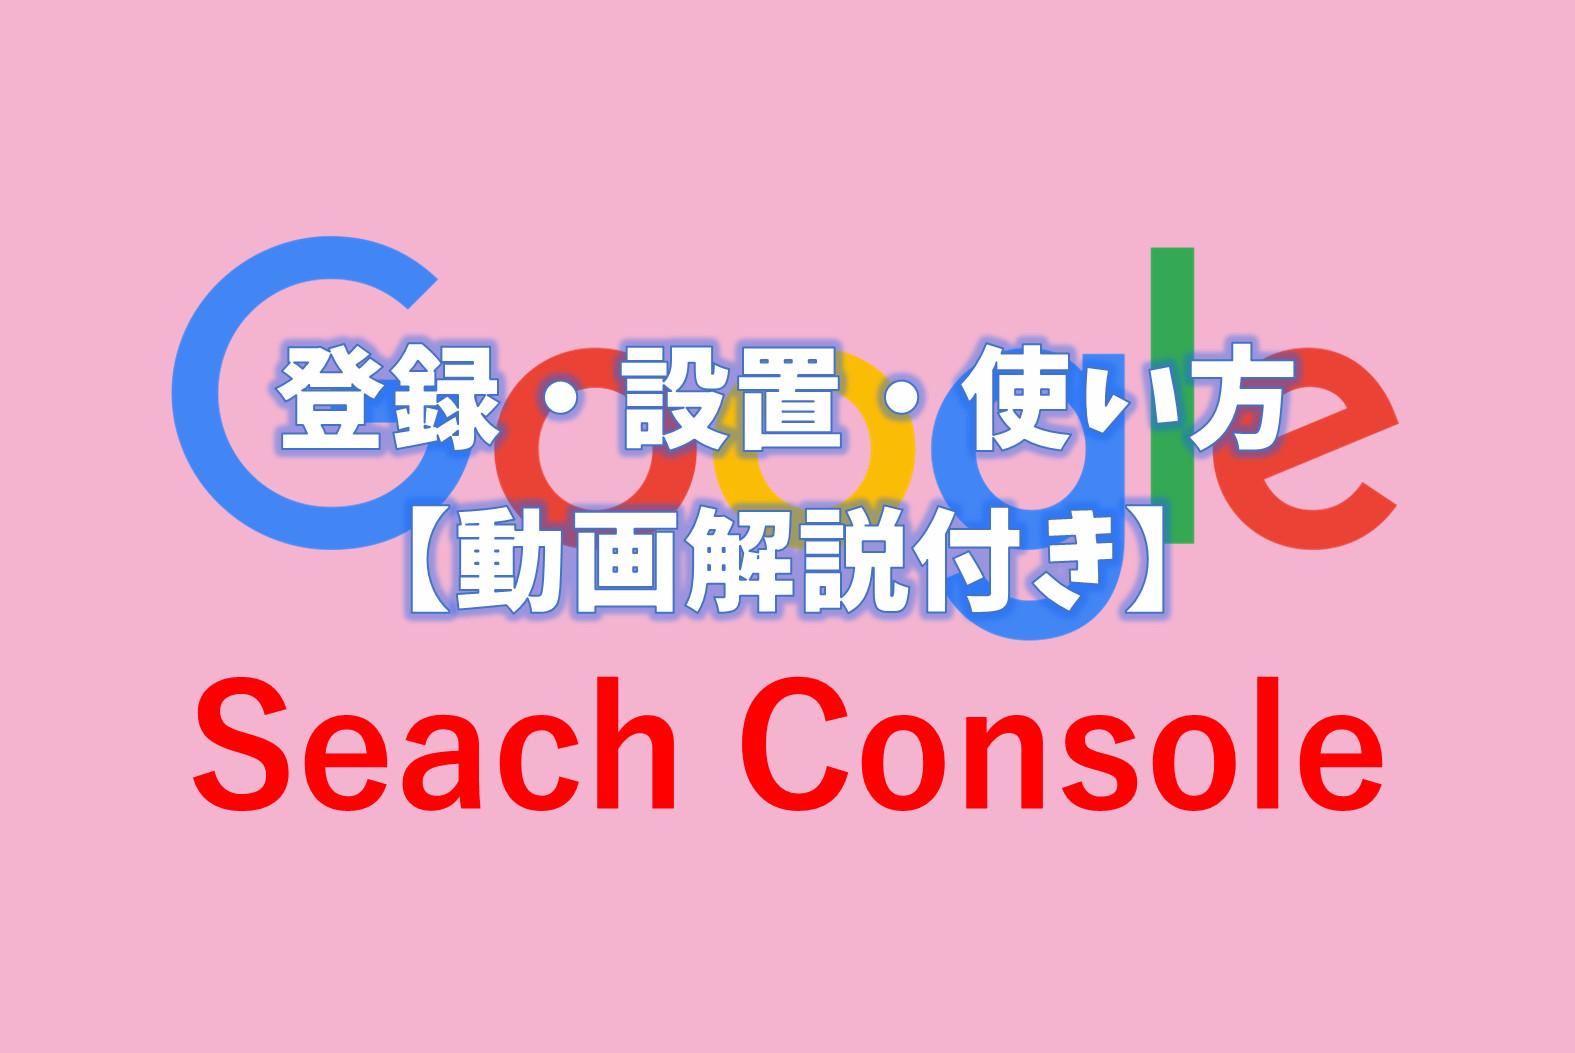 Google Seach Console 登録 設置 使い方 動画解説